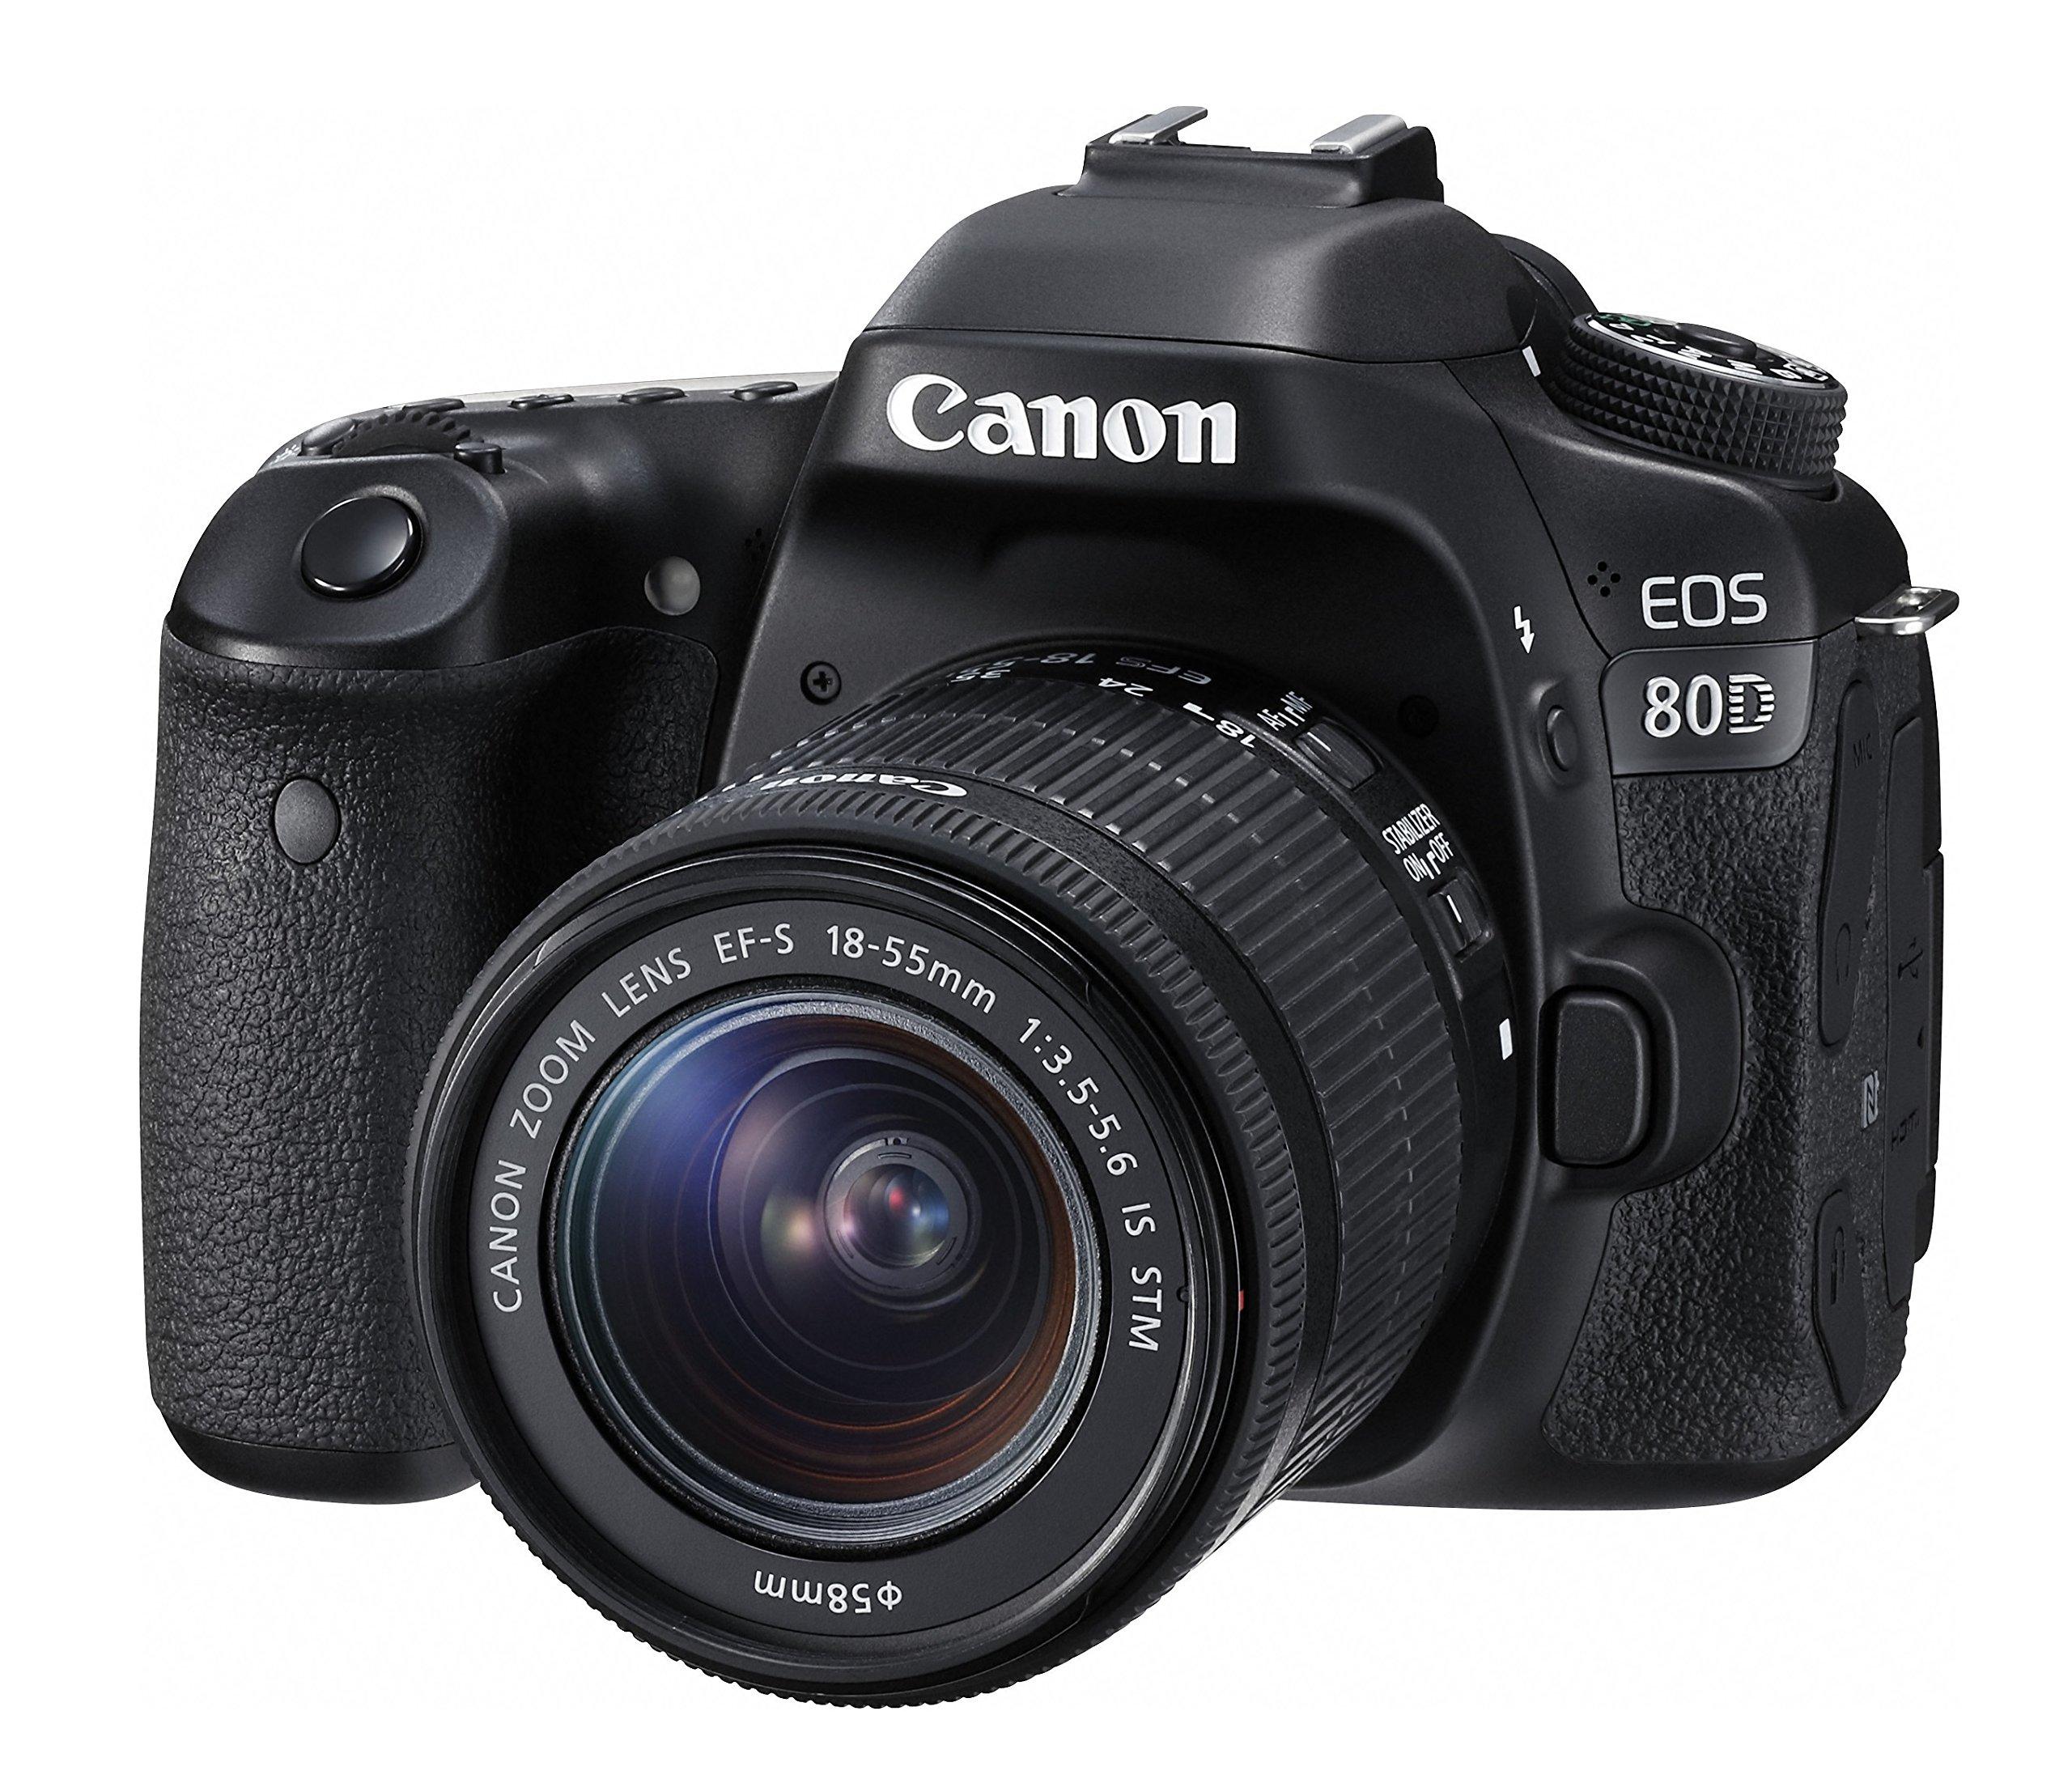 Canon デジタル一眼レフカメラ EOS 80D レンズキット EF-S18-55mm F3.5-5.6 IS STM 付属 EOS80D1855ISSTMLK product image